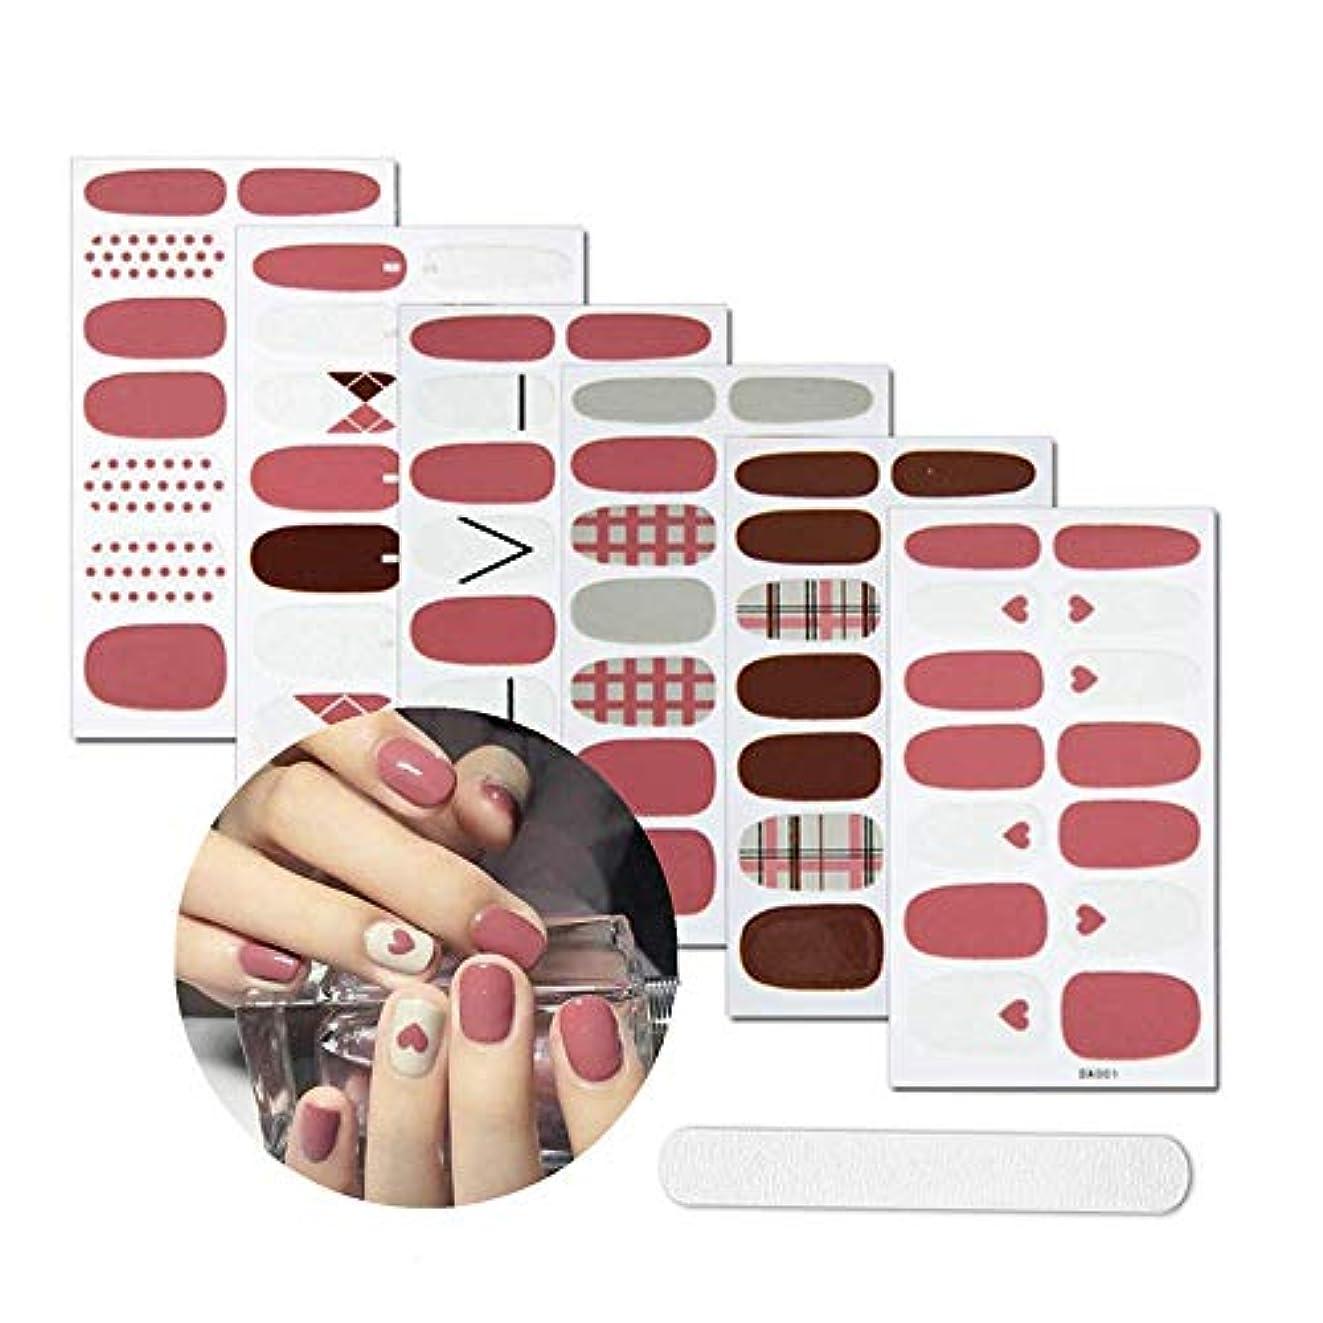 細い広々軍艦ネイルシール 貼るだけマニキュア 6枚セット ネイルアート ネイルステッカー ネイルアクセサリー女性 簡単 レディースプレゼント ギフト可愛い 人気 おしゃれ上級 爪やすり1本付き